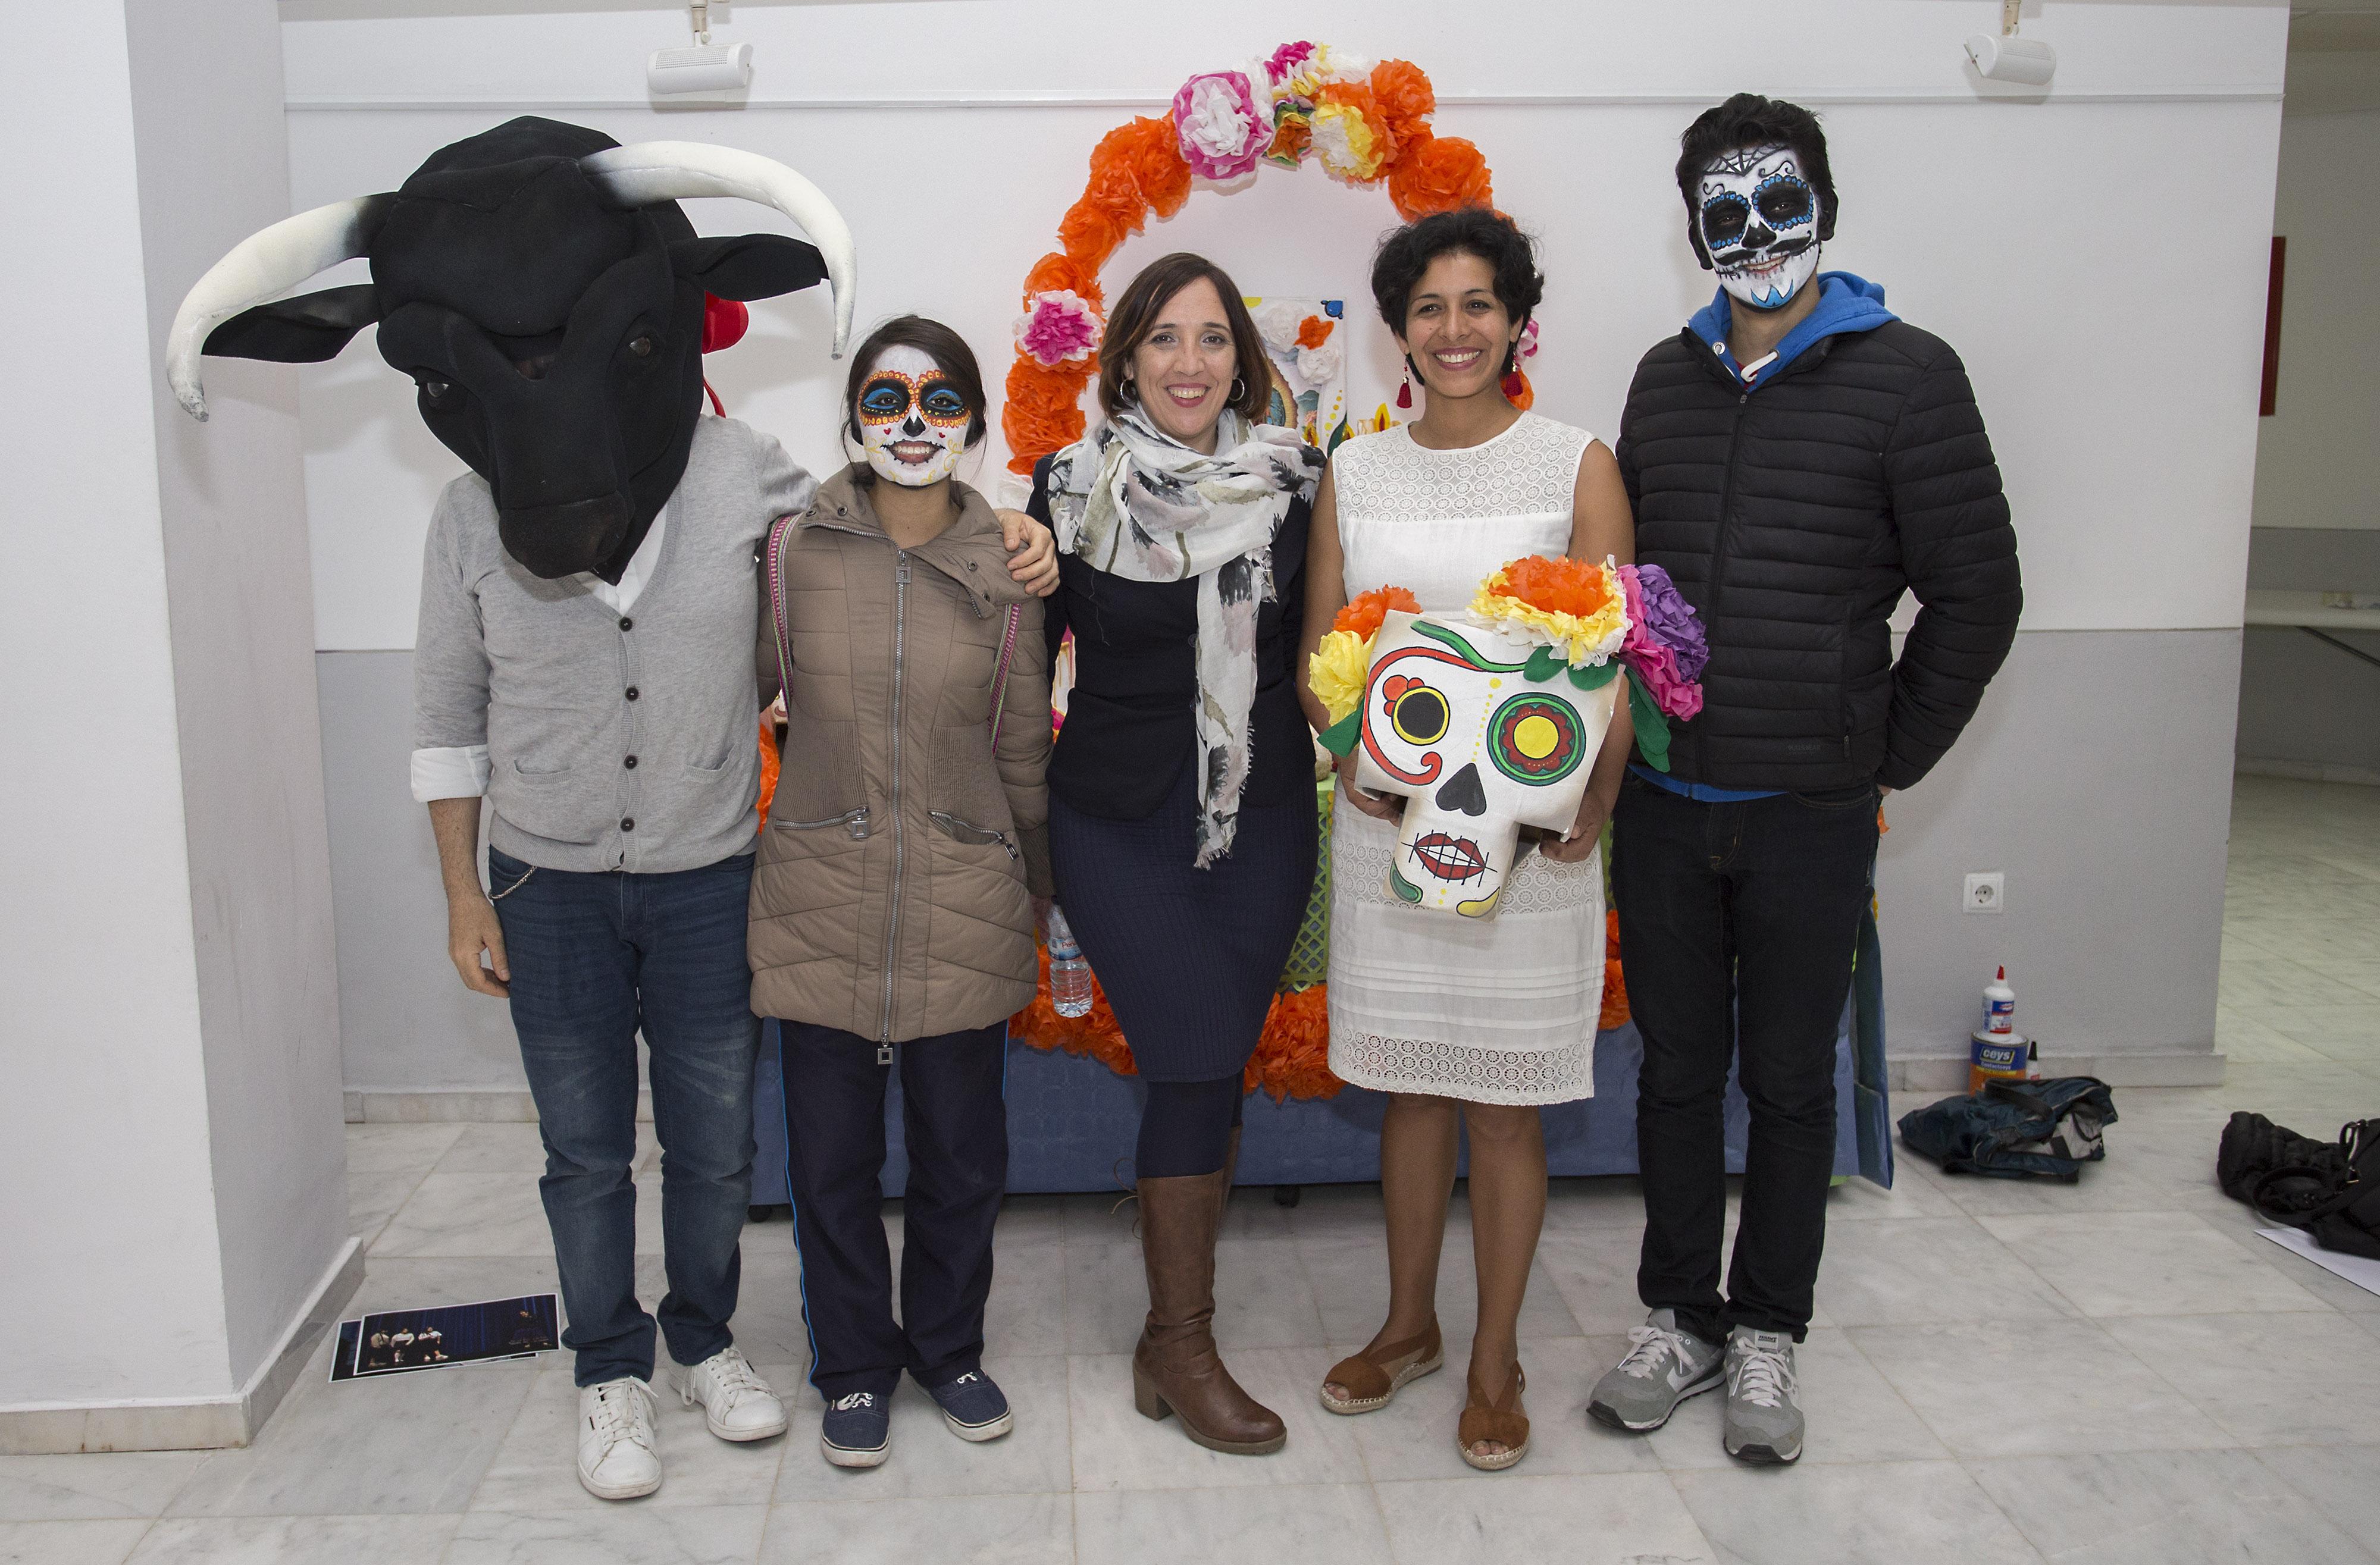 'Luces' en 'La Ruta' para celebrar el I Encuentro Internacional Juvenil de Artes Escénicas